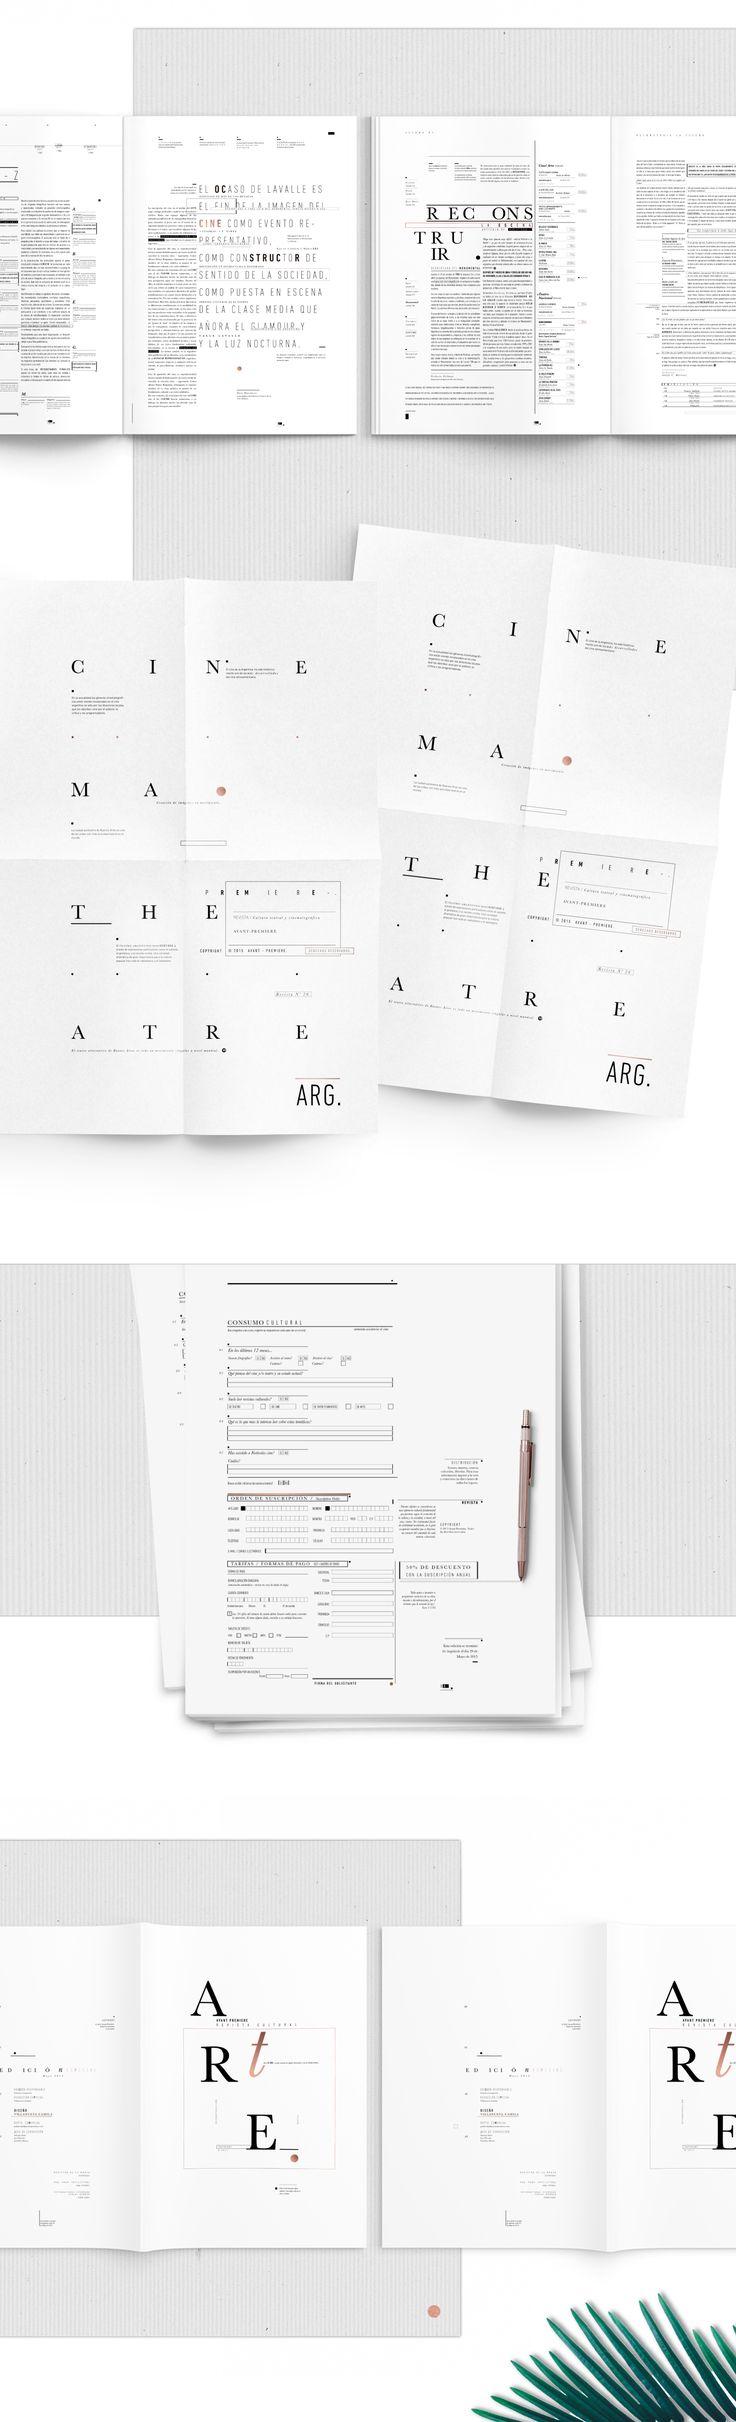 Proyecto Universitario. // Fragmento editorial de 9 páginas.Pieza realizada para la cátedra Longinotti de la materia Tipografía II/. DG/. FADU/. UBA/. 2015